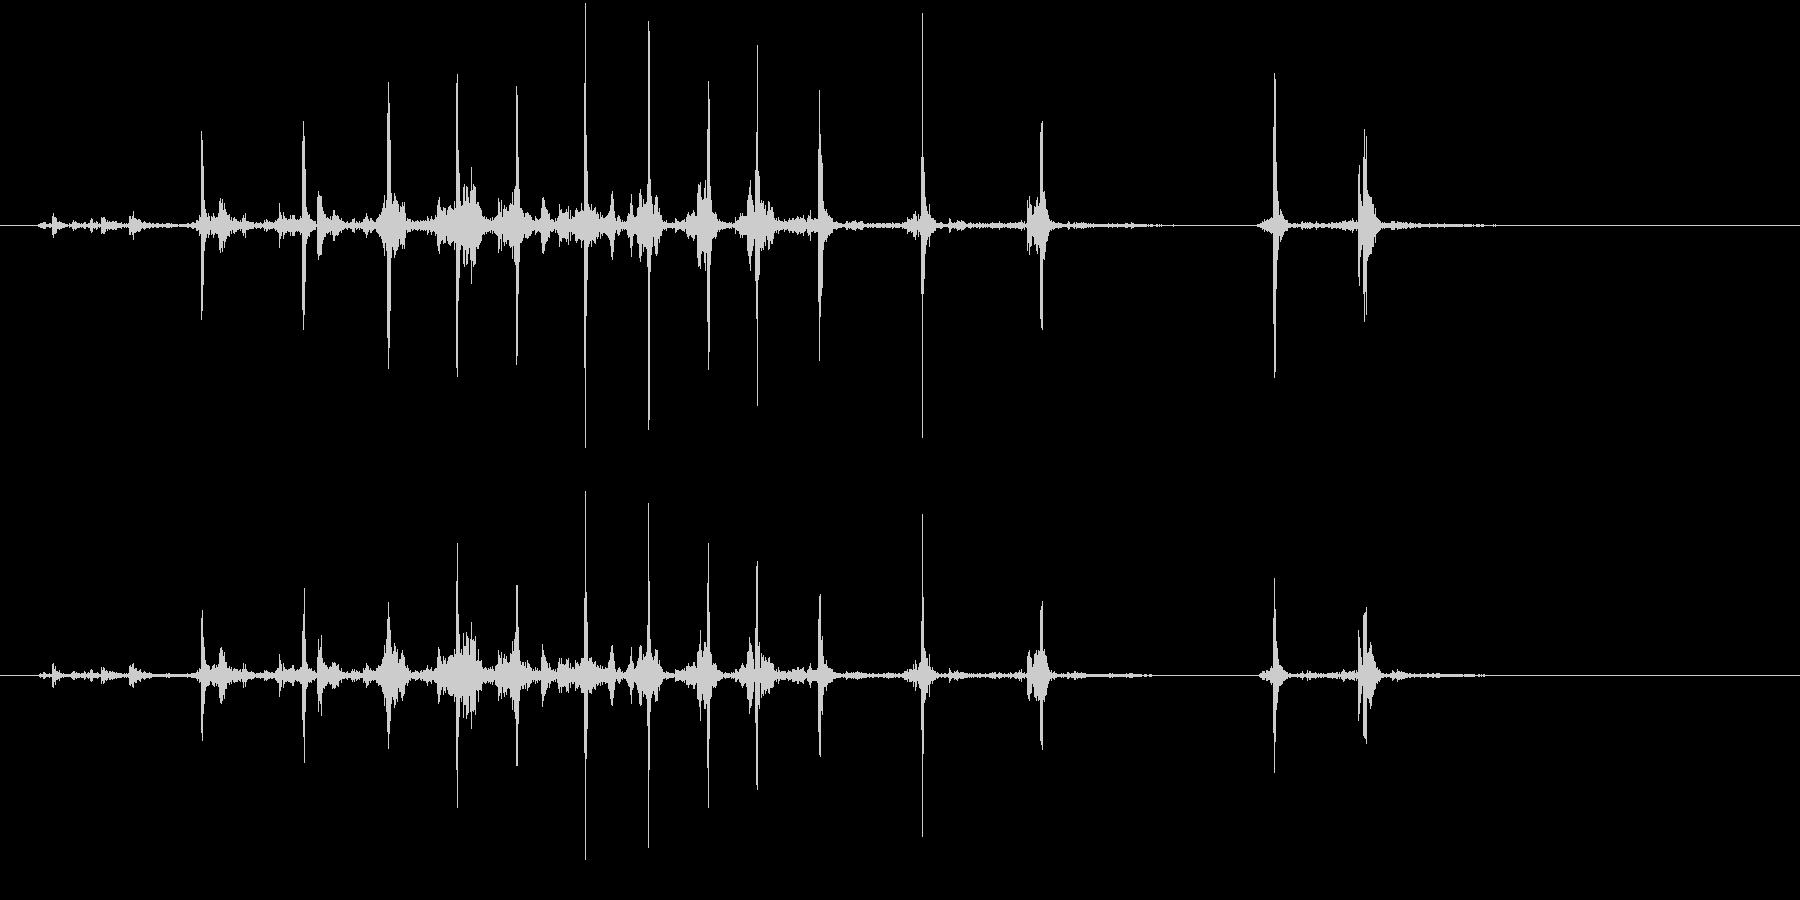 【生録音】カッターナイフの音 17の未再生の波形